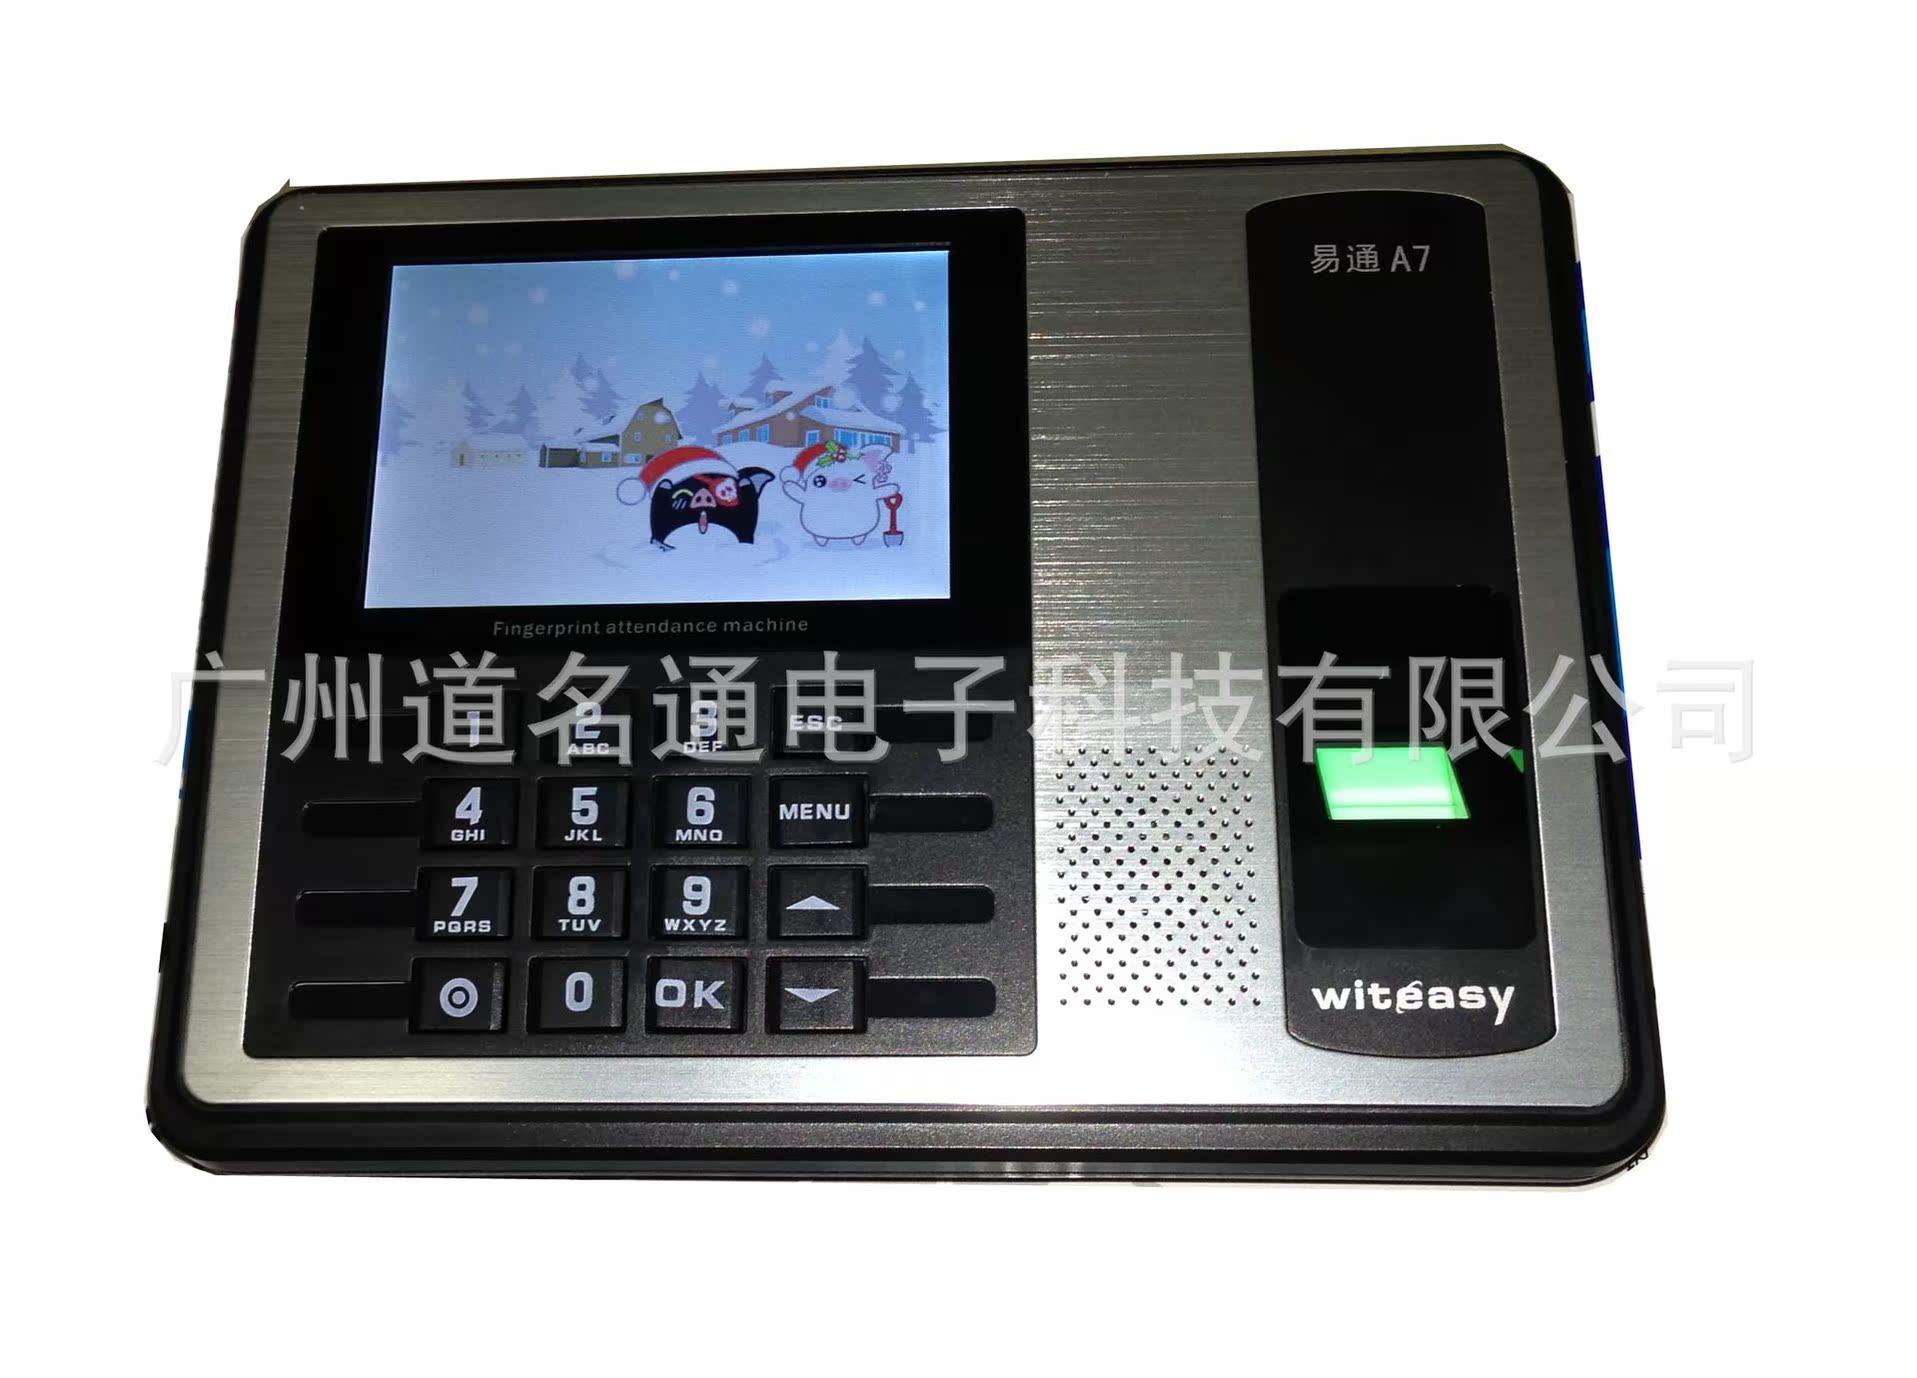 指纹考勤机 全国 易通指纹考勤机真彩4.0寸大屏幕高速识别免软件 阿里